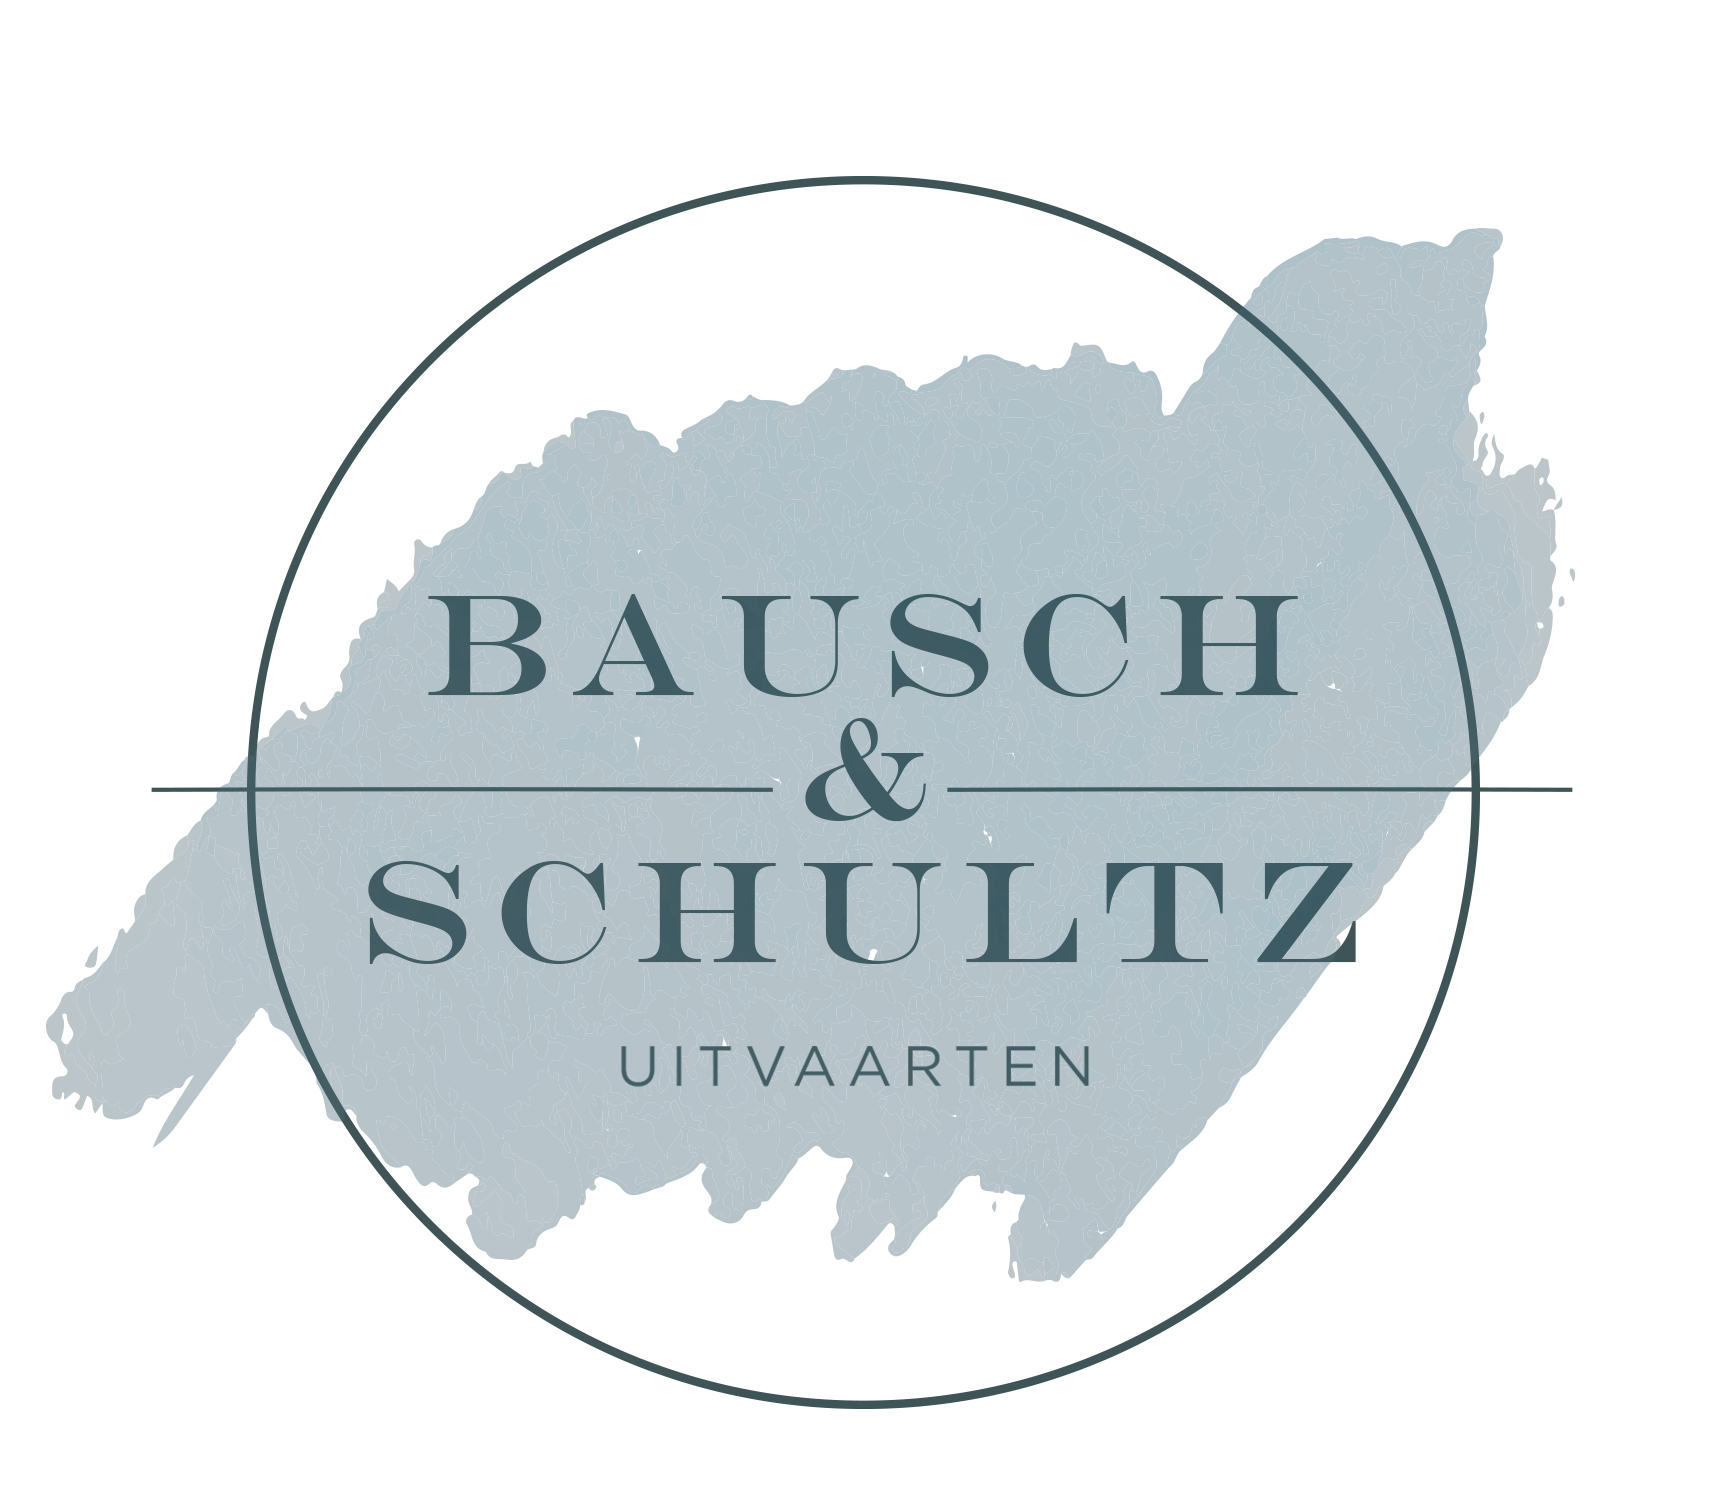 Bausch & Schultz